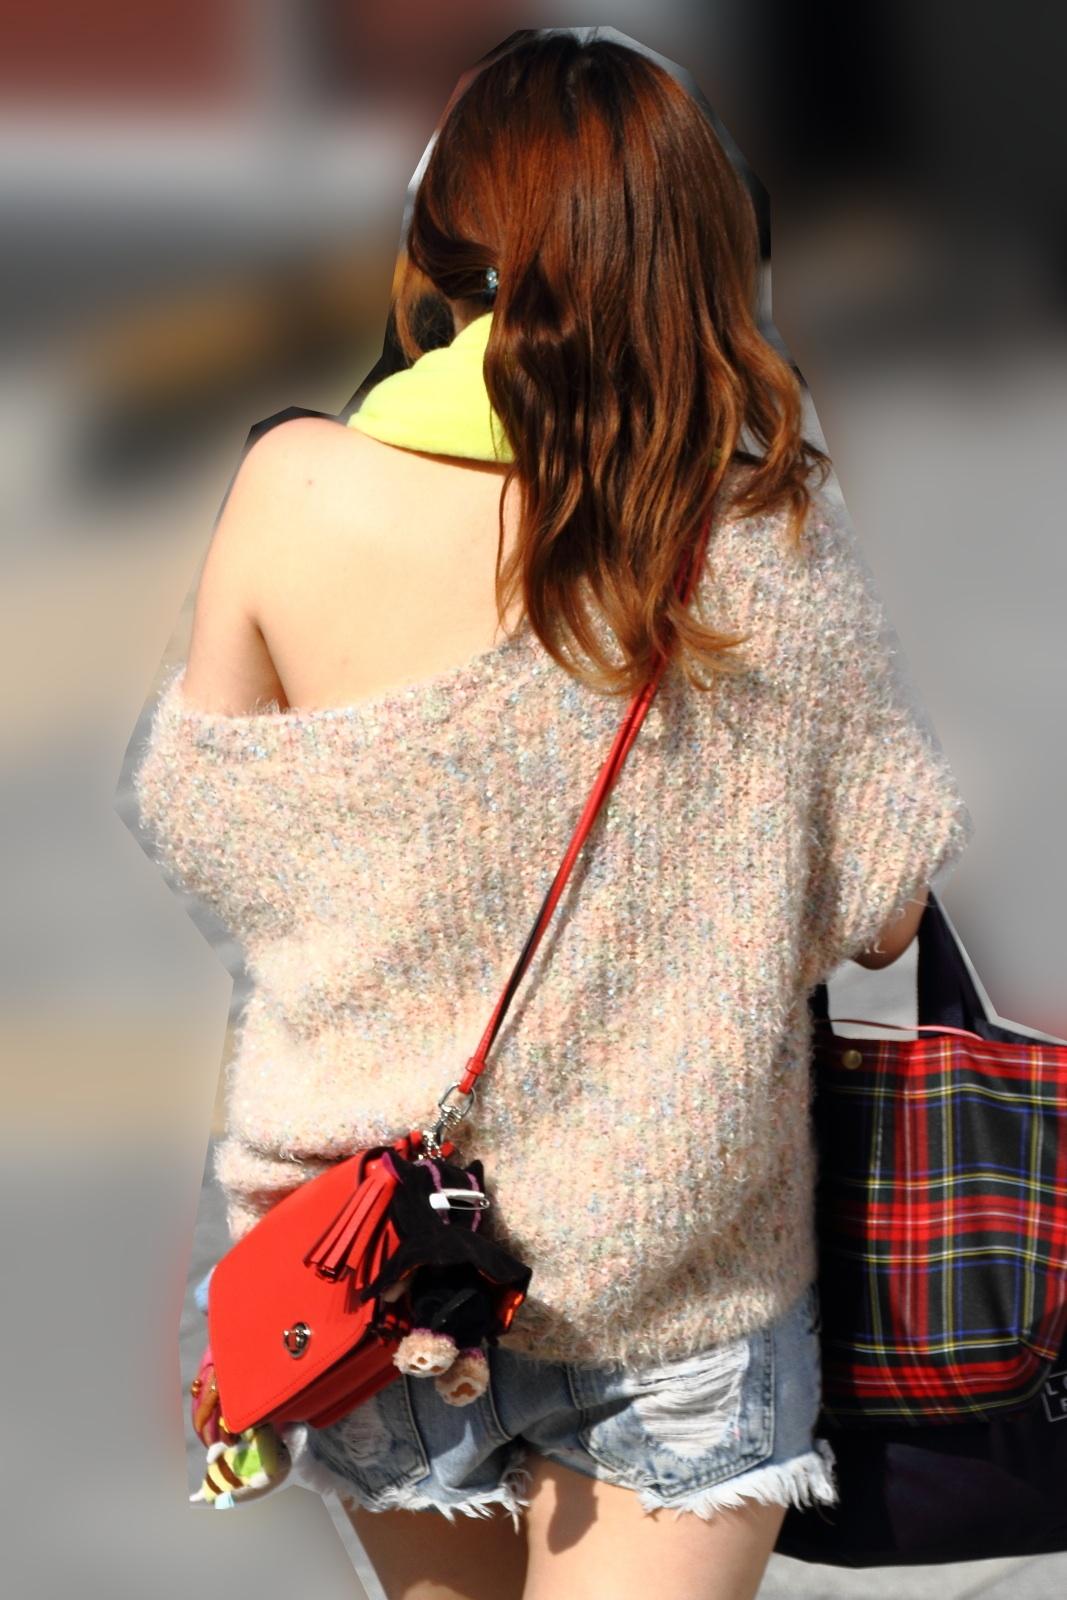 【街角着エロ画像】お金はあるけど背中開きw見せるの大好き素人ギャルの露出過度ファッションwww 29